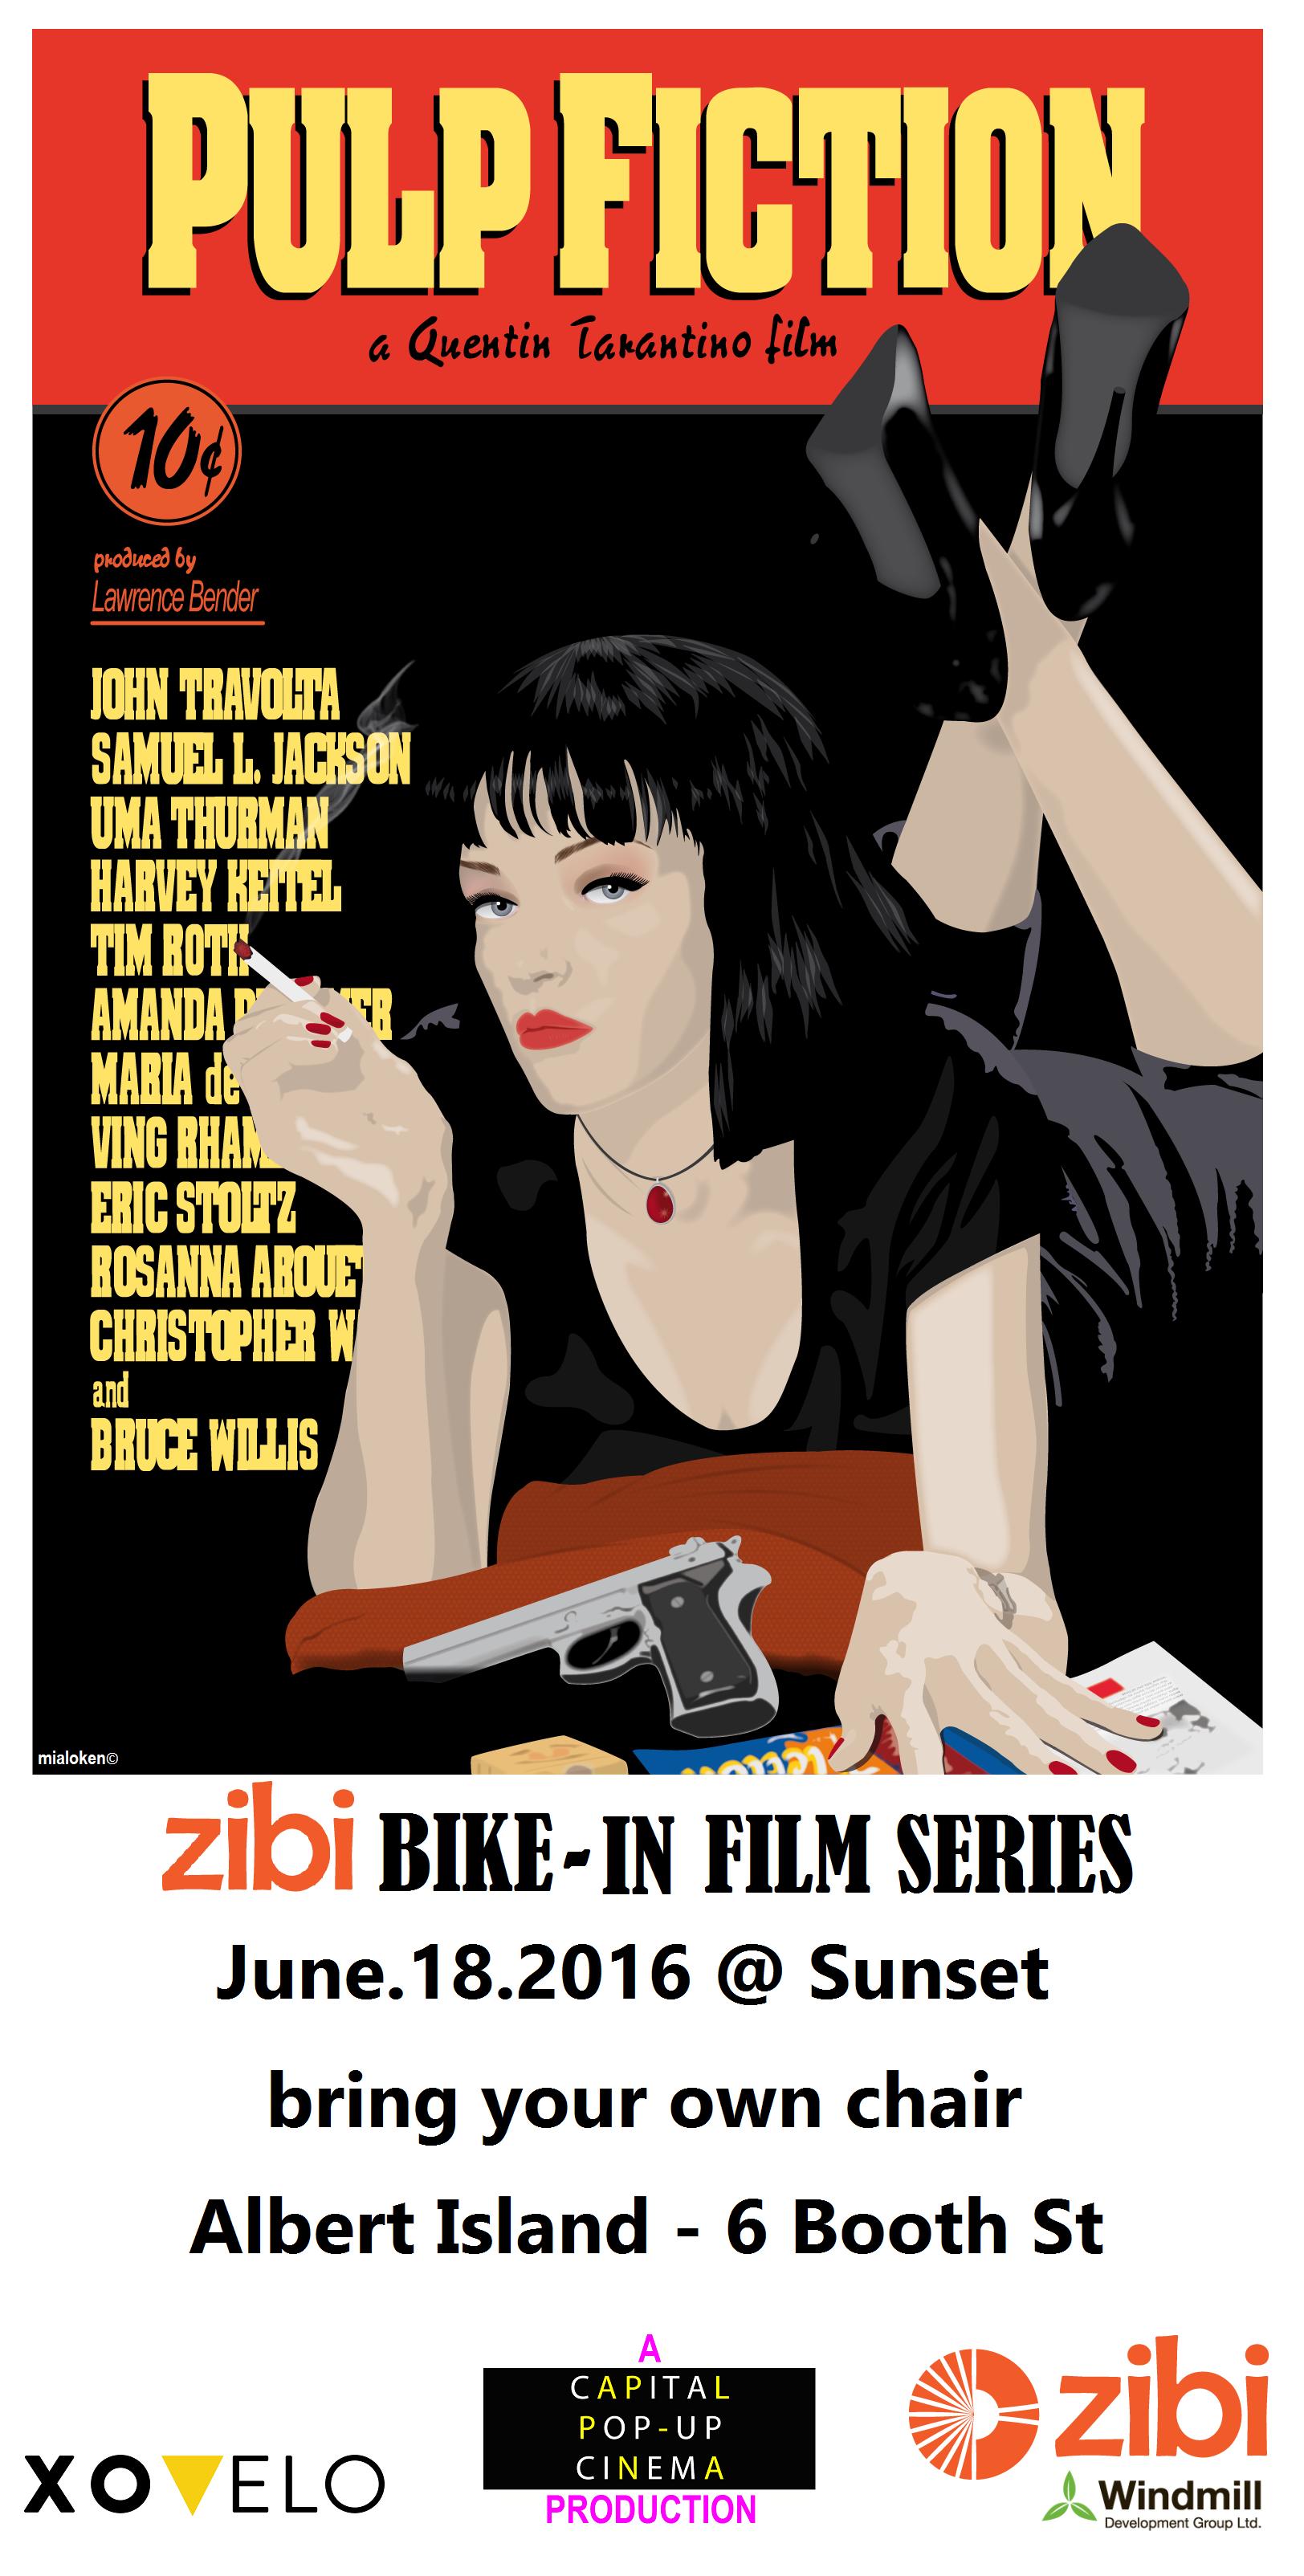 Pulp Fiction - Zibi